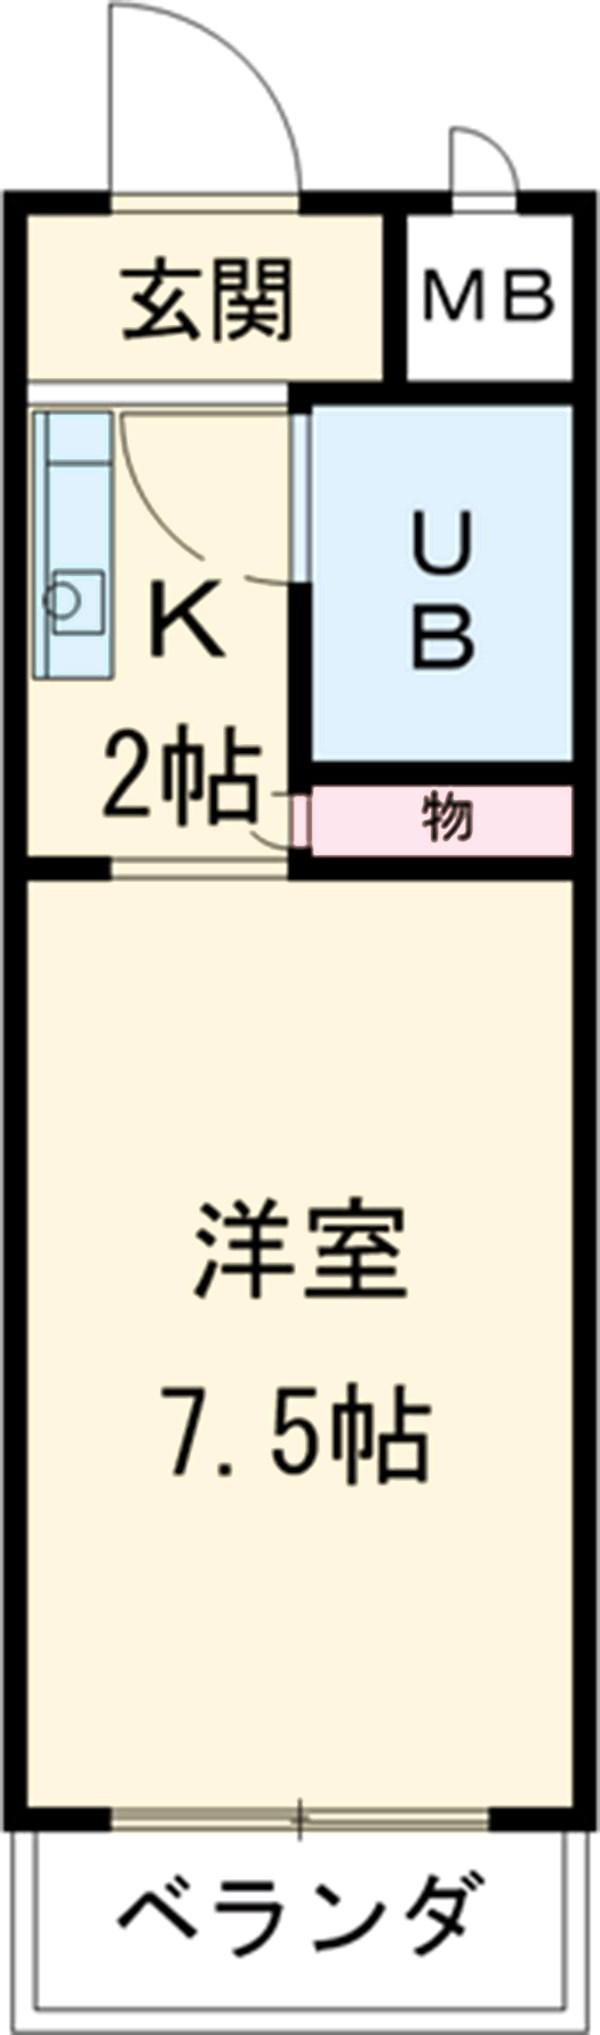 サンシャイン富士パート1 501号室の間取り